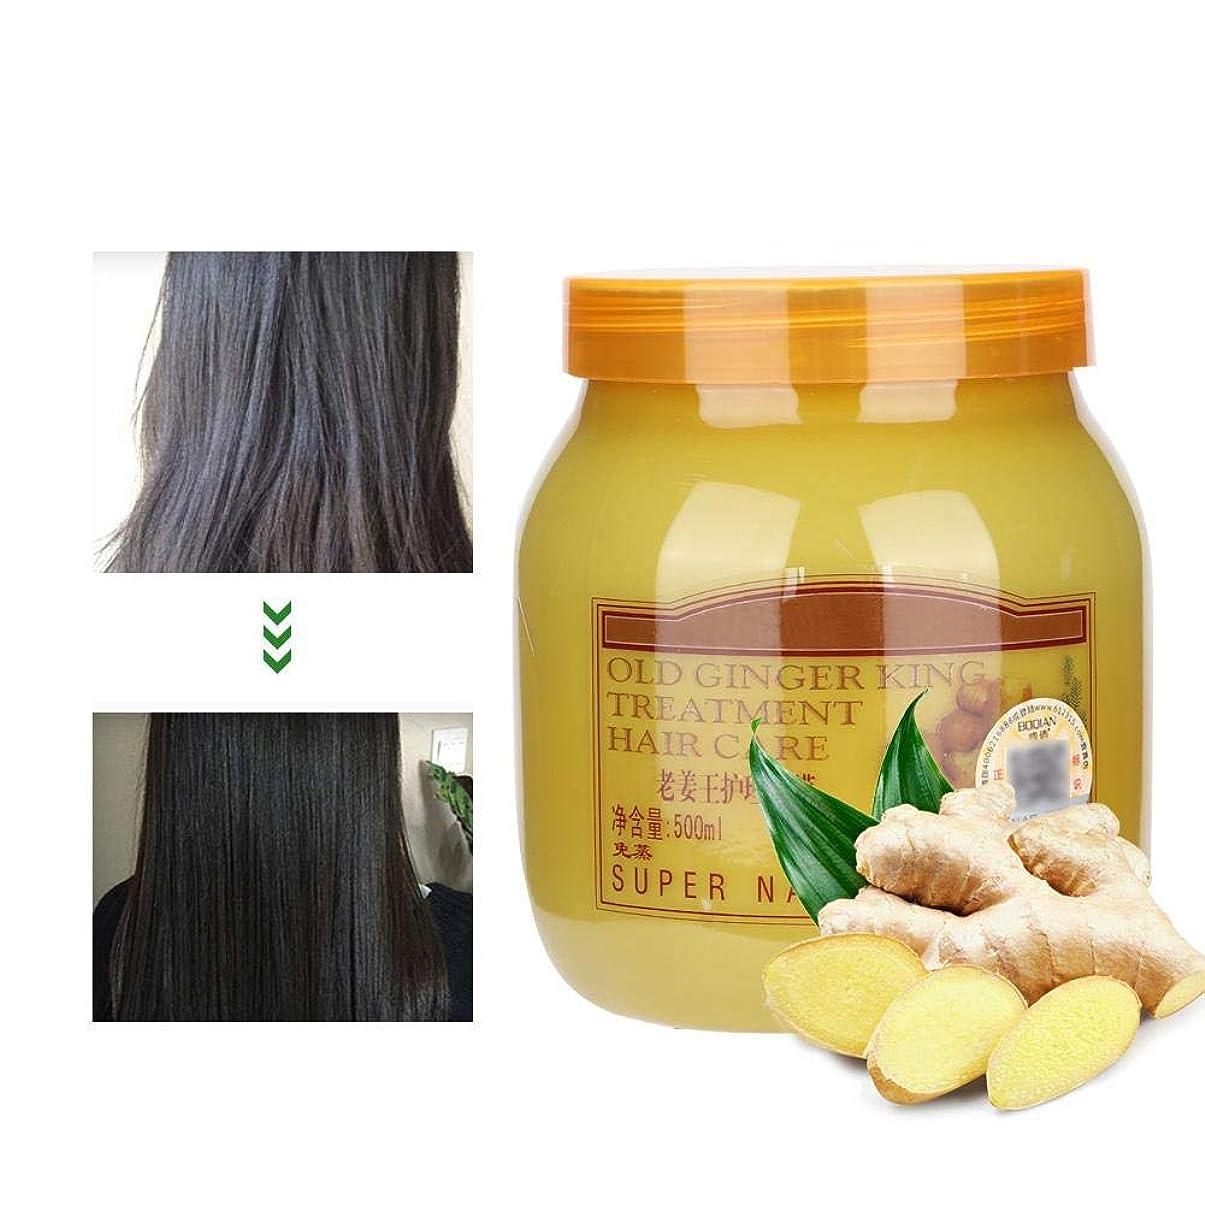 重要性骨ムスタチオジンジャーヘアコンディショナー ディープコンディショニングヘア用のリッチエッセンスヘアケアマスク 毛先の改善 髪の損傷の修復と脱毛の改善、光沢の増加と縮れの軽減